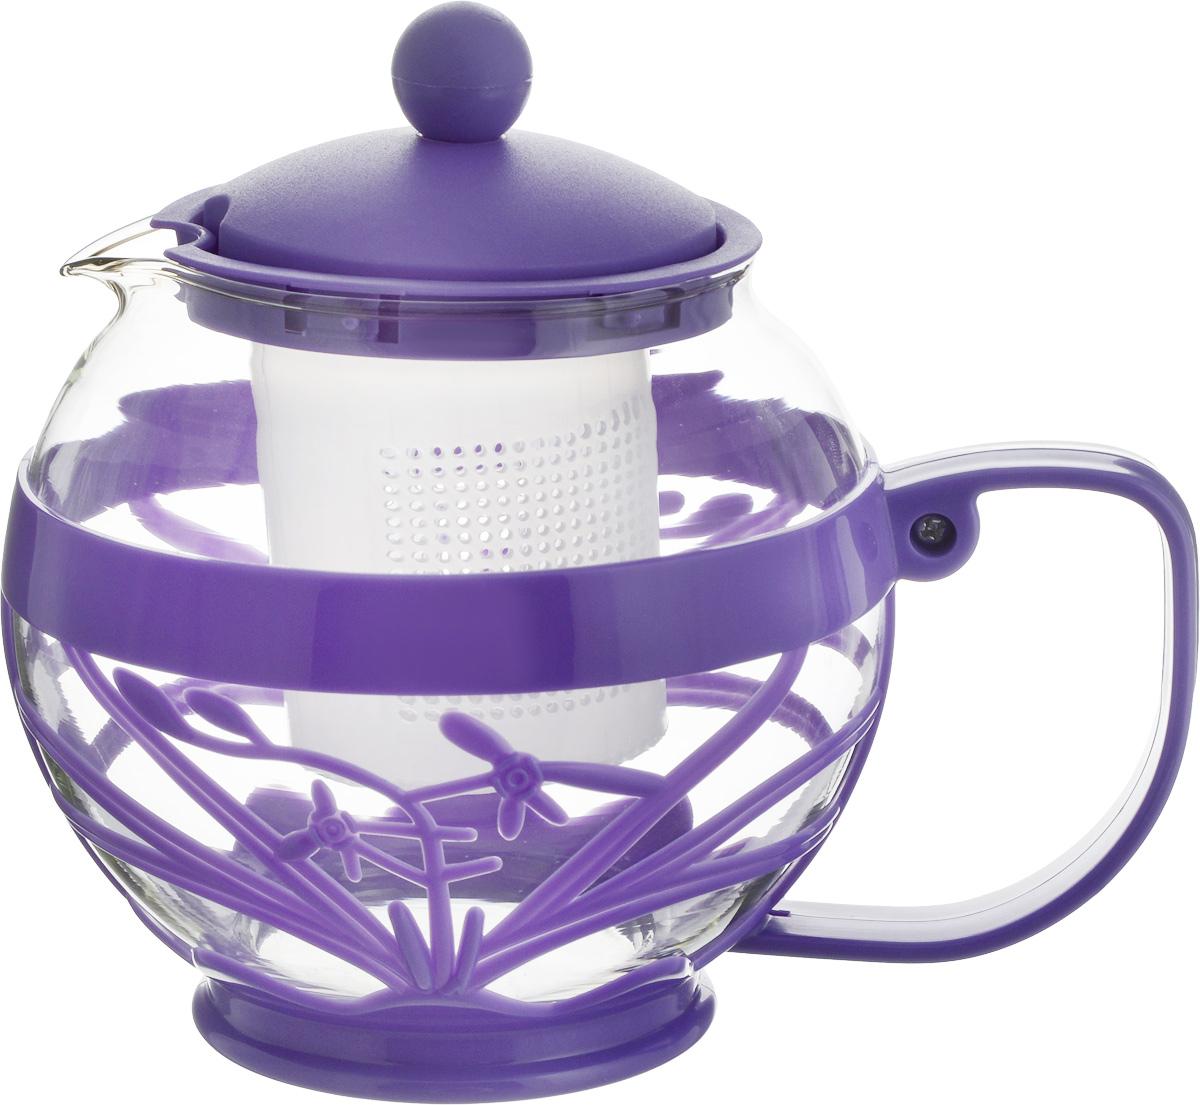 Чайник заварочный Wellberg Aqual, с фильтром, цвет: прозрачный, фиолетовый, 800 мл68/5/4Заварочный чайник Wellberg Aqual изготовлен из высококачественного пластика и жаропрочного стекла. Чайник имеет пластиковый фильтр и оснащен удобной ручкой. Он прекрасно подойдет для заваривания чая и травяных напитков. Такой заварочный чайник займет достойное место на вашей кухне.Высота чайника (без учета крышки): 11,5 см.Высота чайника (с учетом крышки): 14 см. Диаметр (по верхнему краю) 7 см.Высота сито: 6 см.